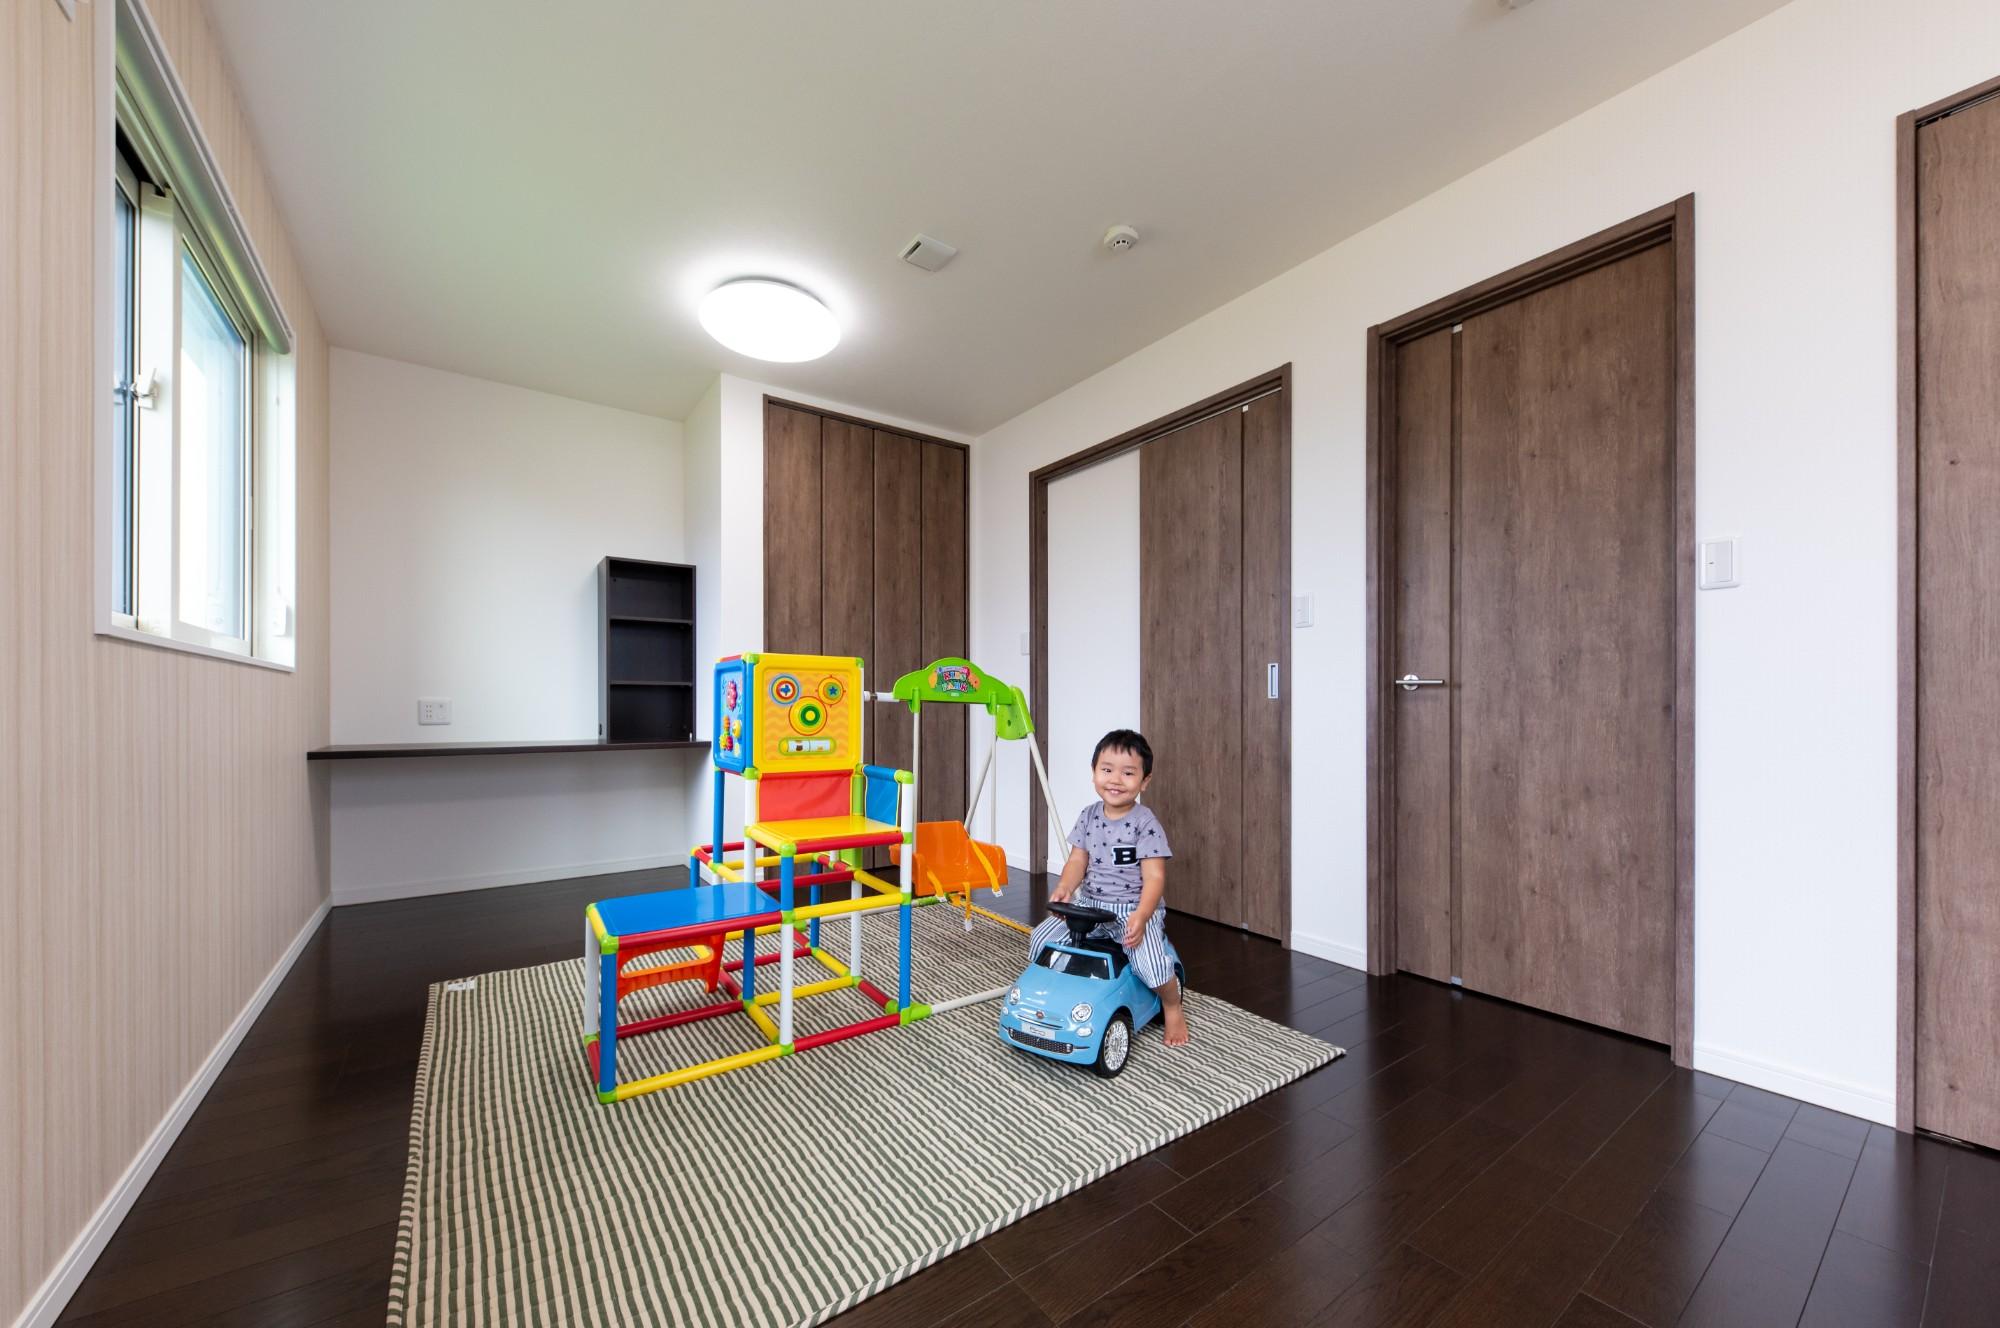 お子様のお部屋は将来2部屋に区切れるように扉を2か所設けました。今は壁で仕切らずのびのびとお子様が遊べるプレイルームとなっております。